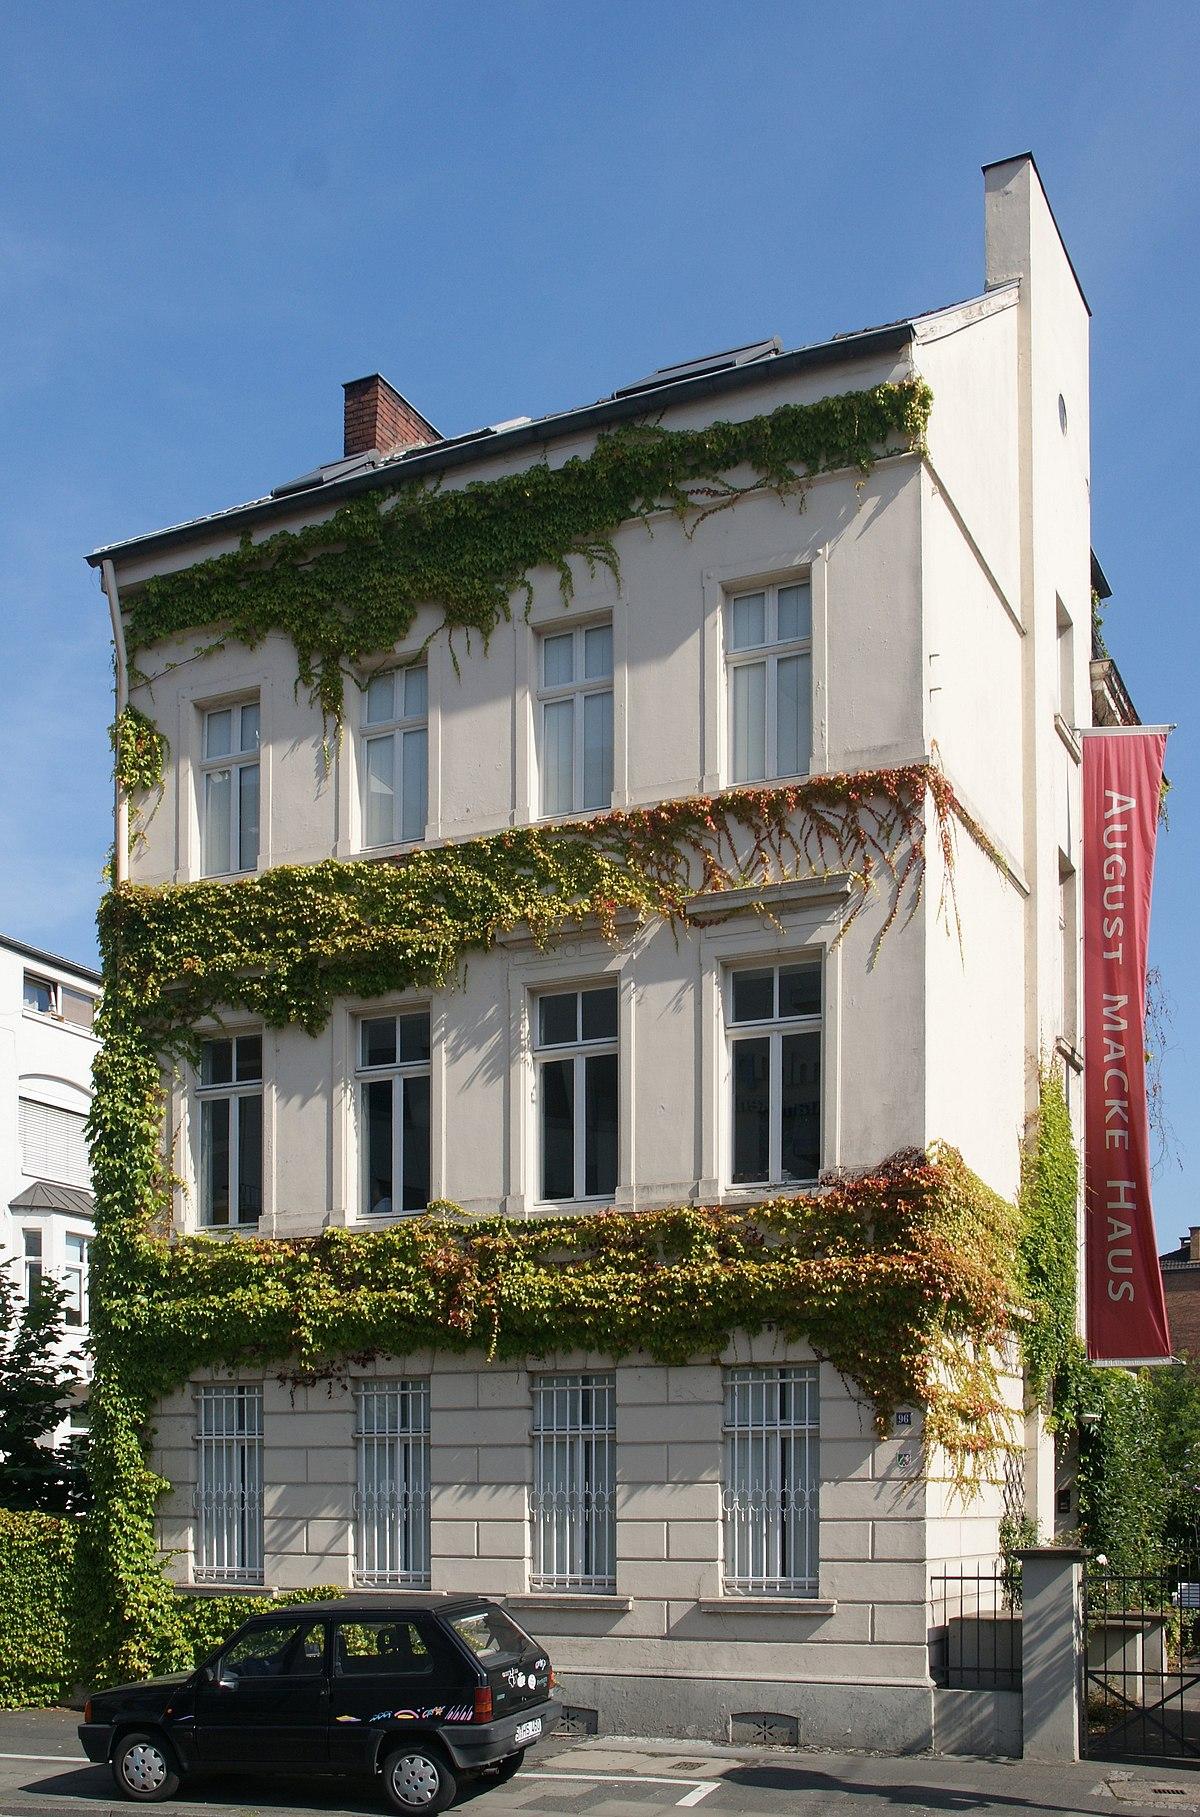 August Macke Haus Wikipedia